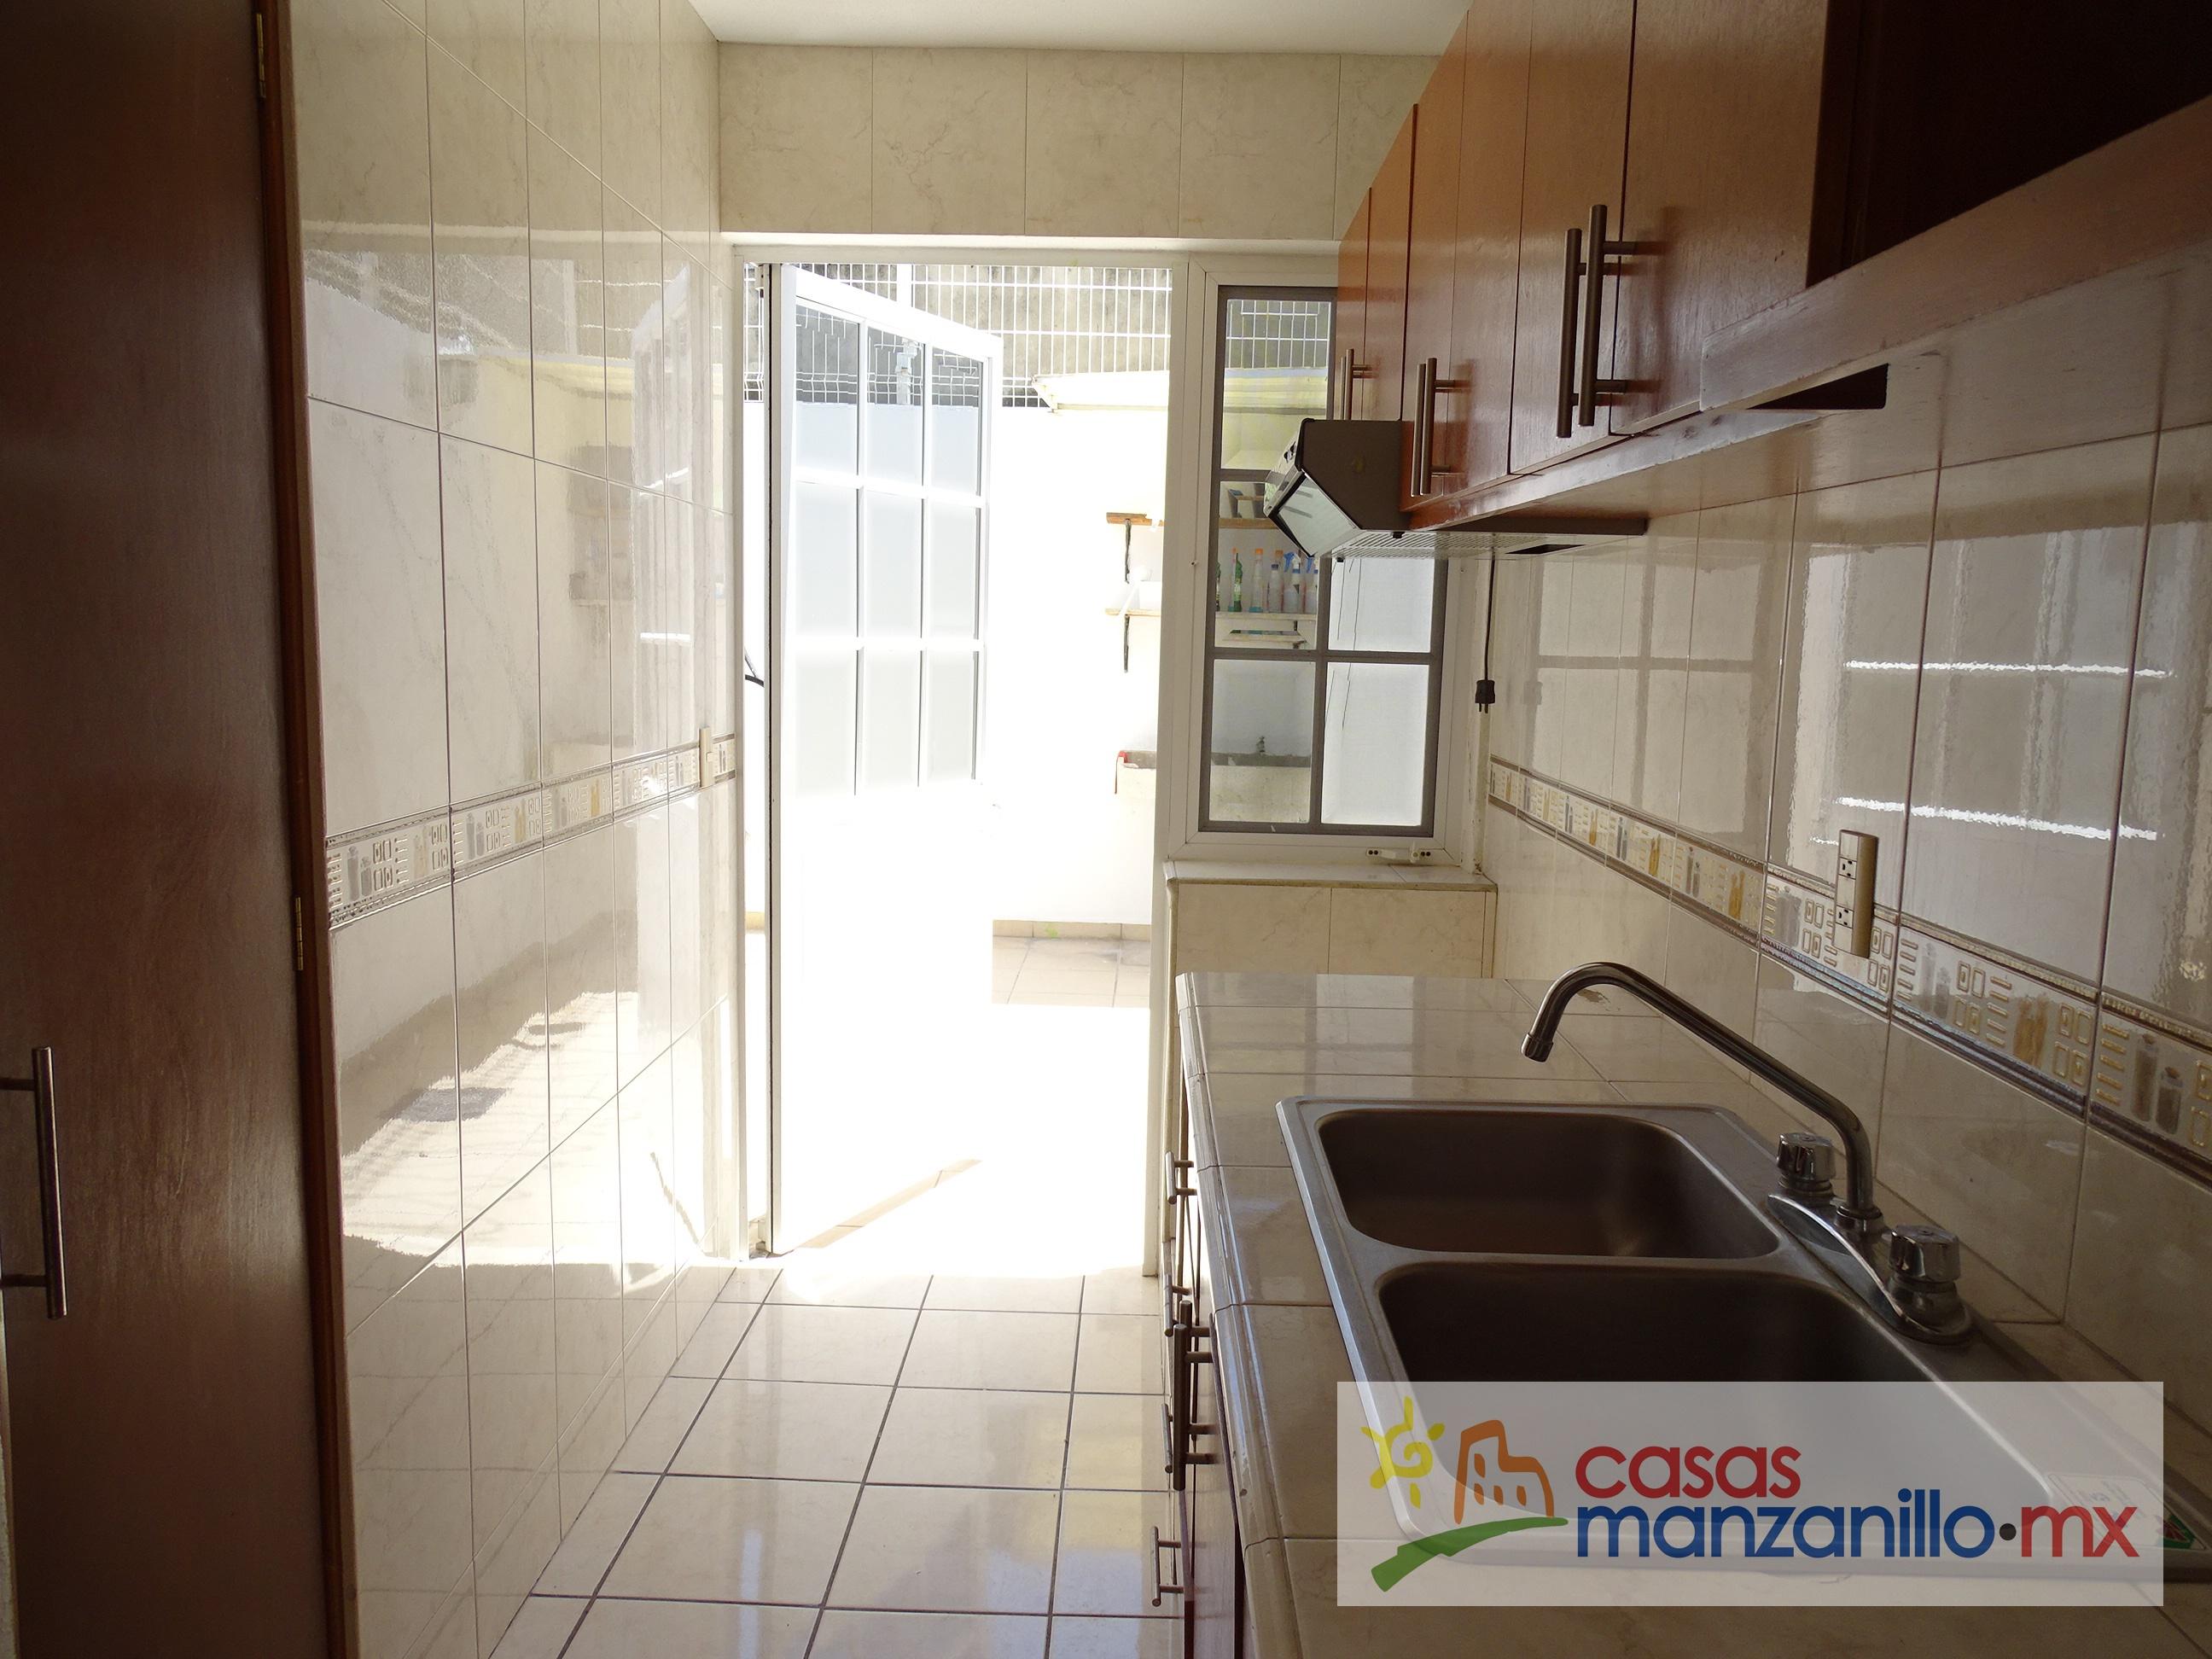 Casas VENTA Manzanillo - La Joya (26)